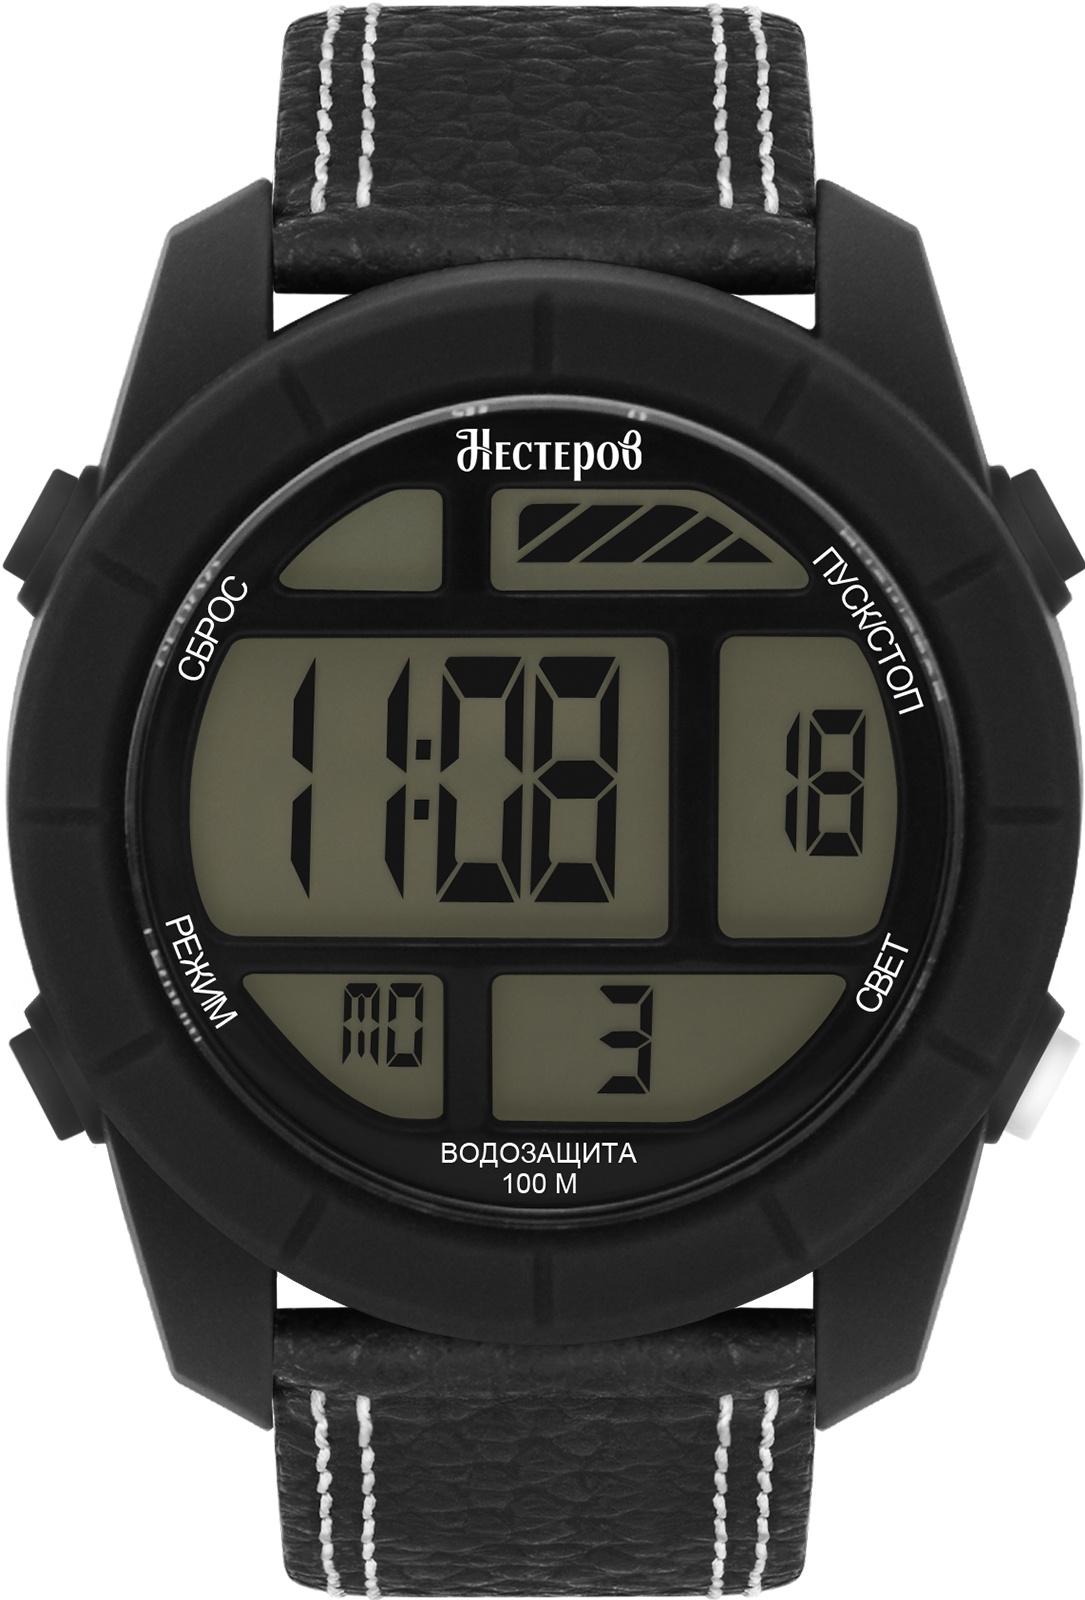 Часы Нестеров H2578A38-0EA, черный все цены